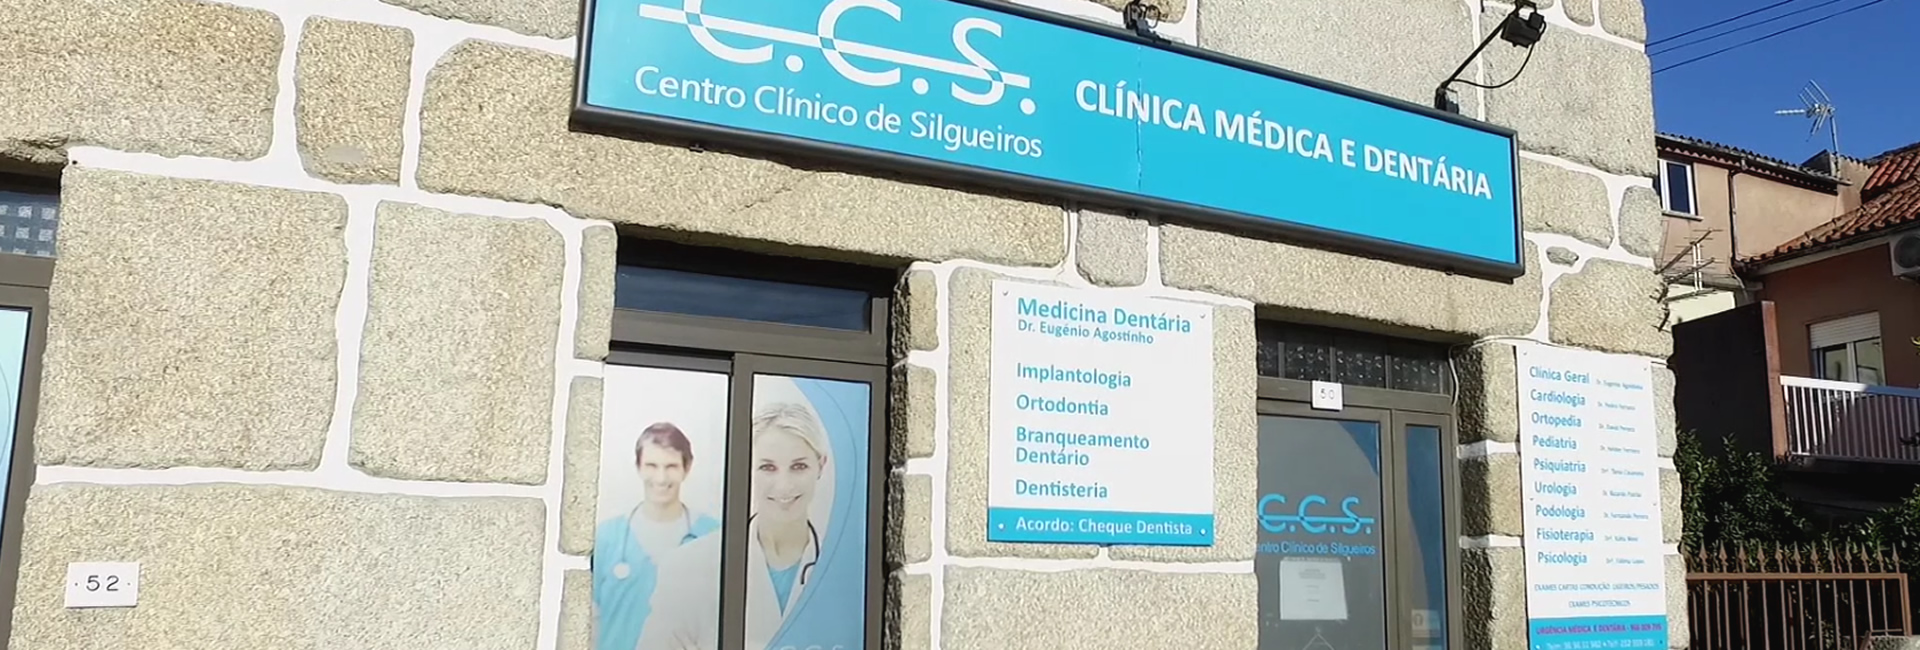 CCS - Centro Clínico de Silgueiros